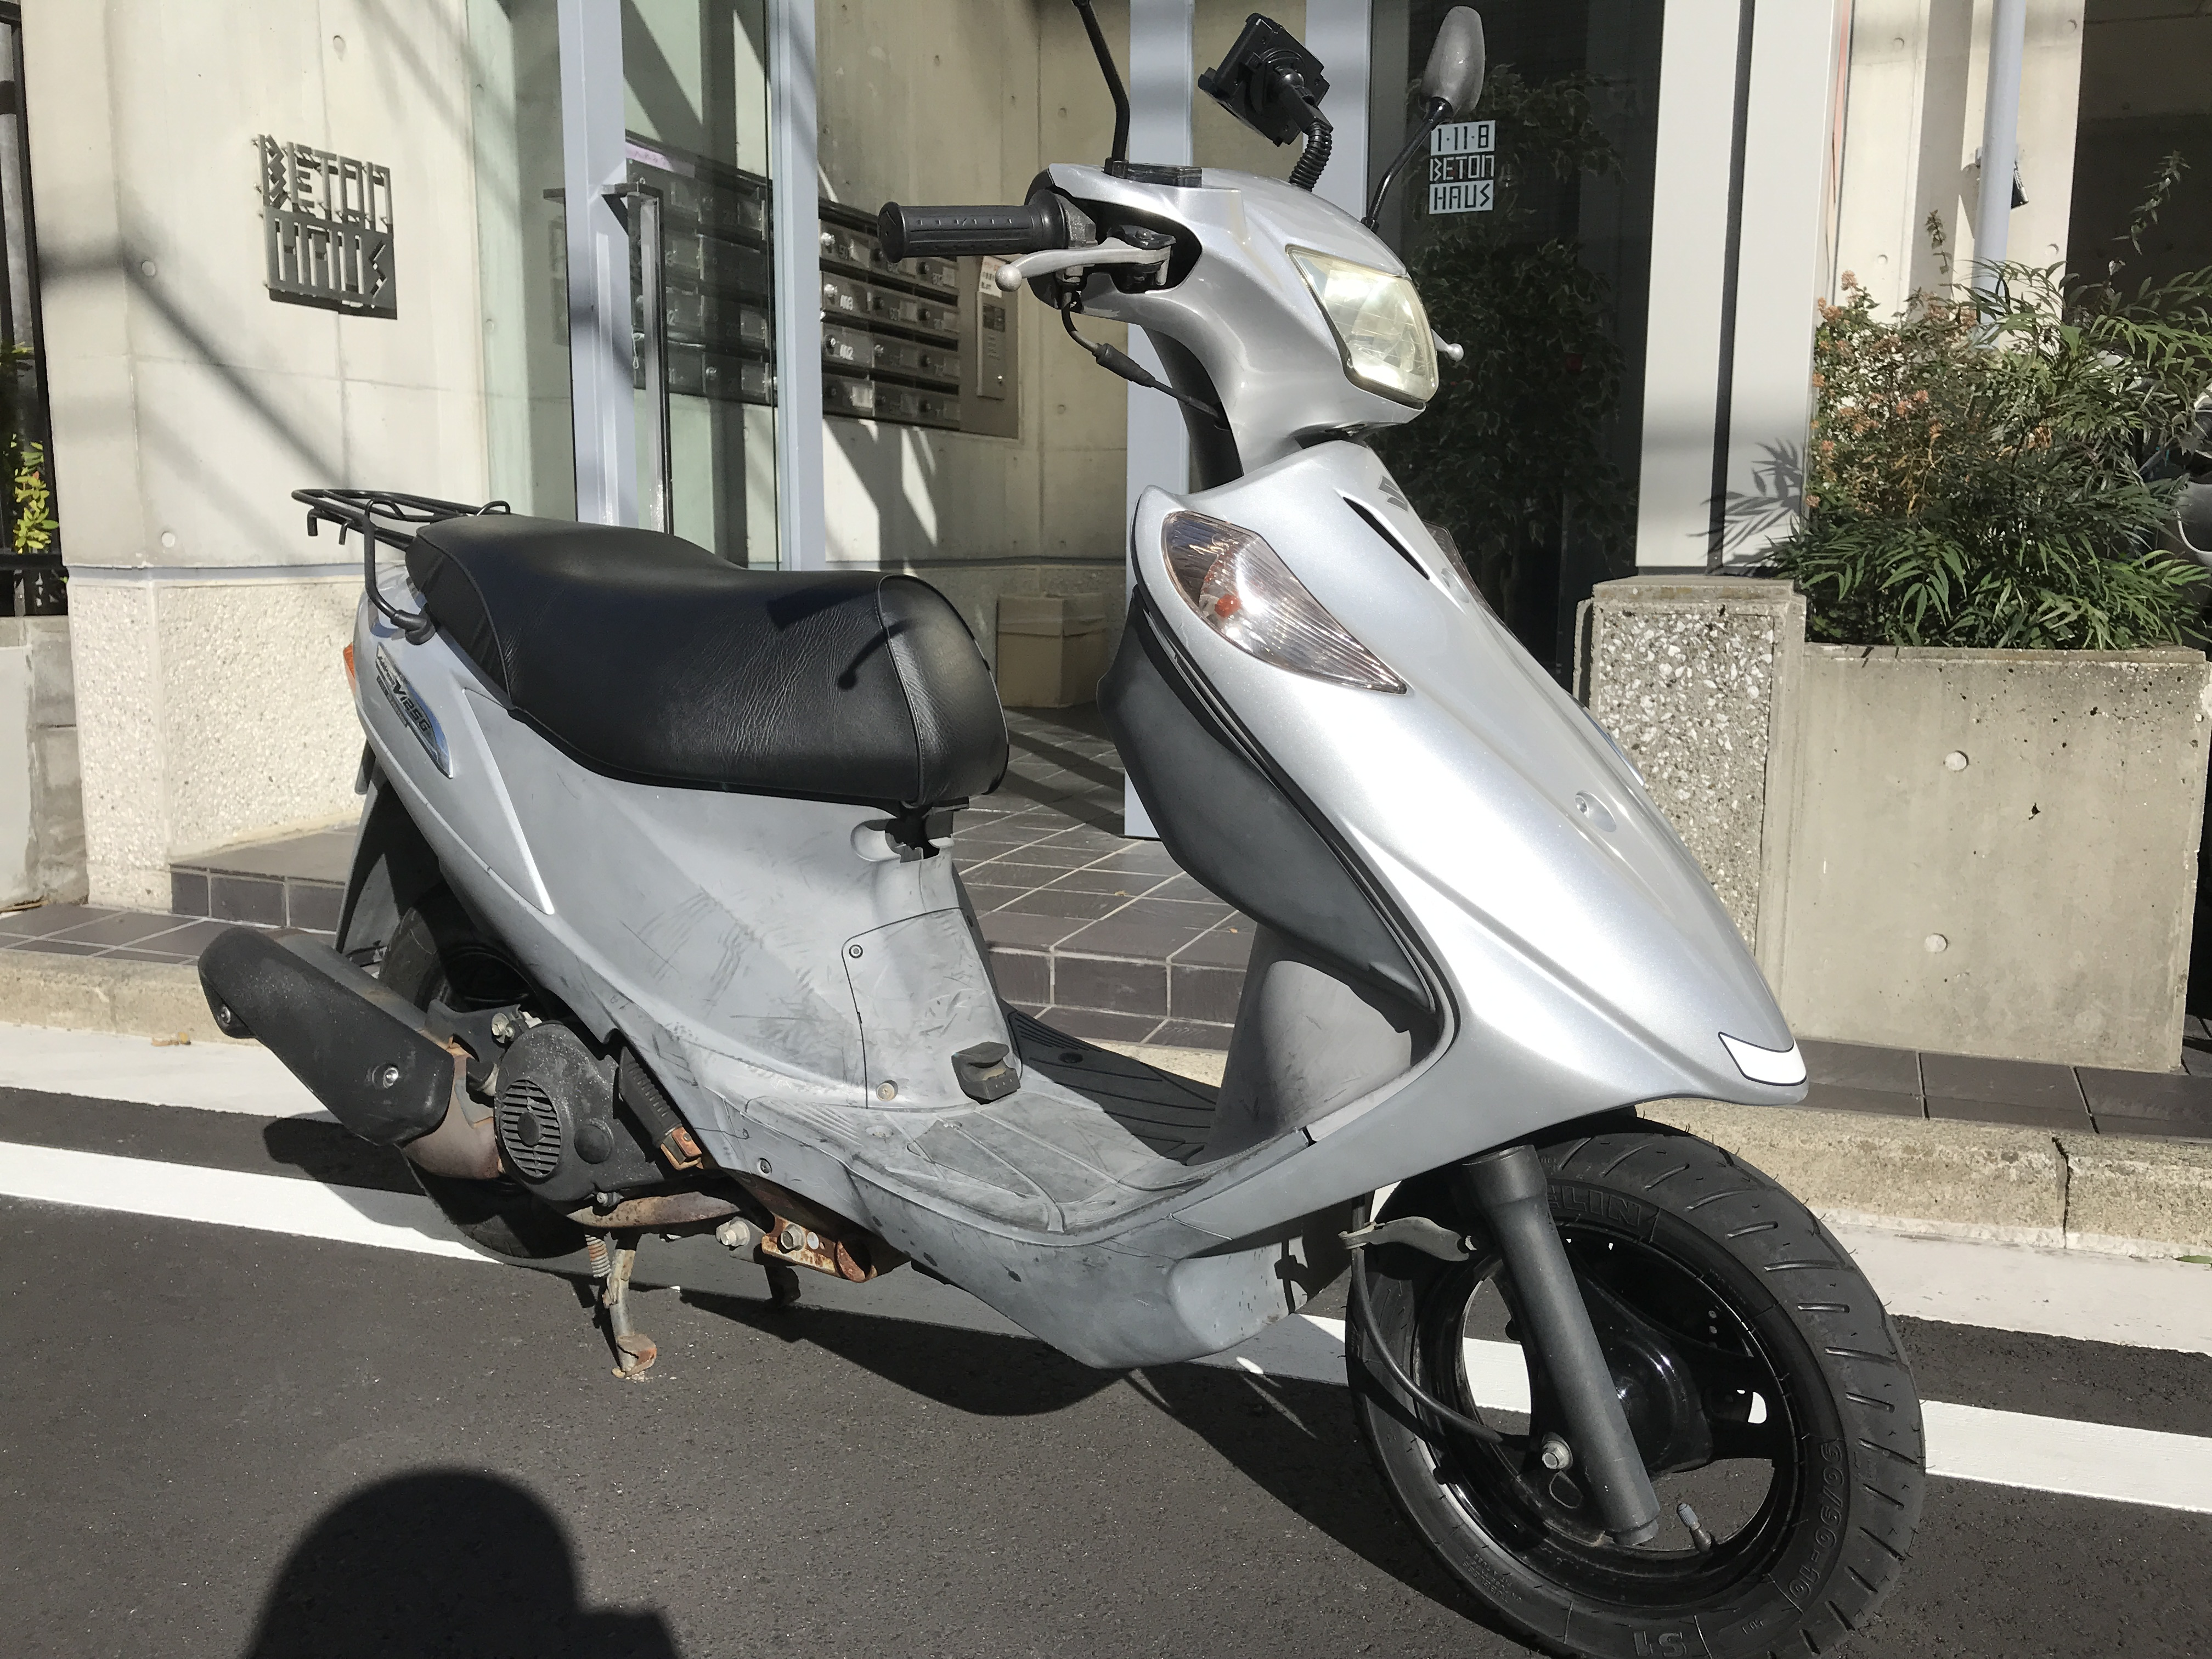 アドレスV125G (HN-00) - 【公式】レンタルバイクのベストBike® 横浜駅前